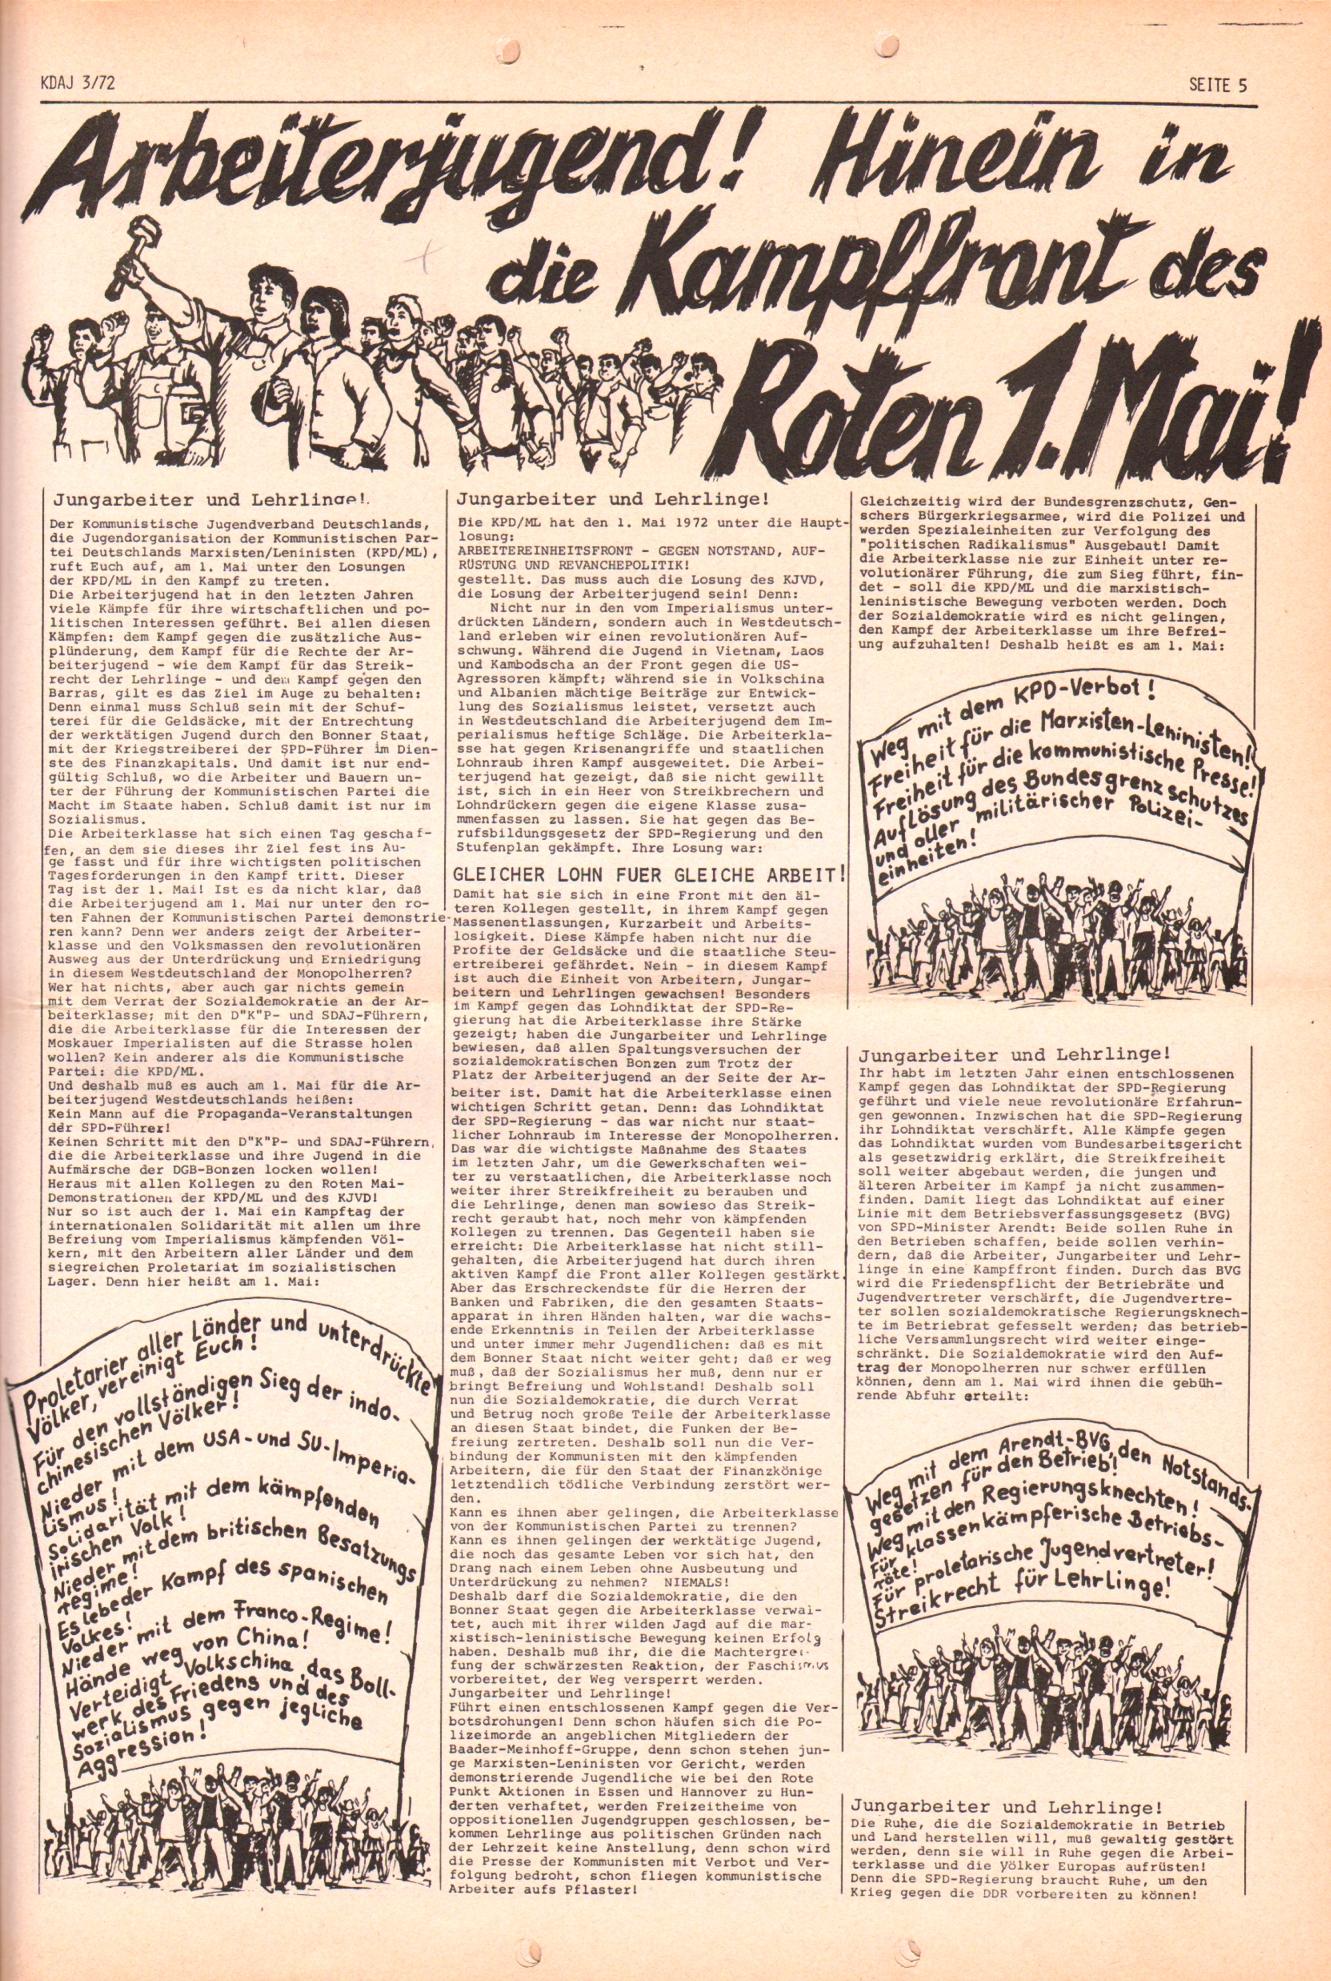 KDAJ, 3. Jg., April 1972, Nr. 3, Seite 5